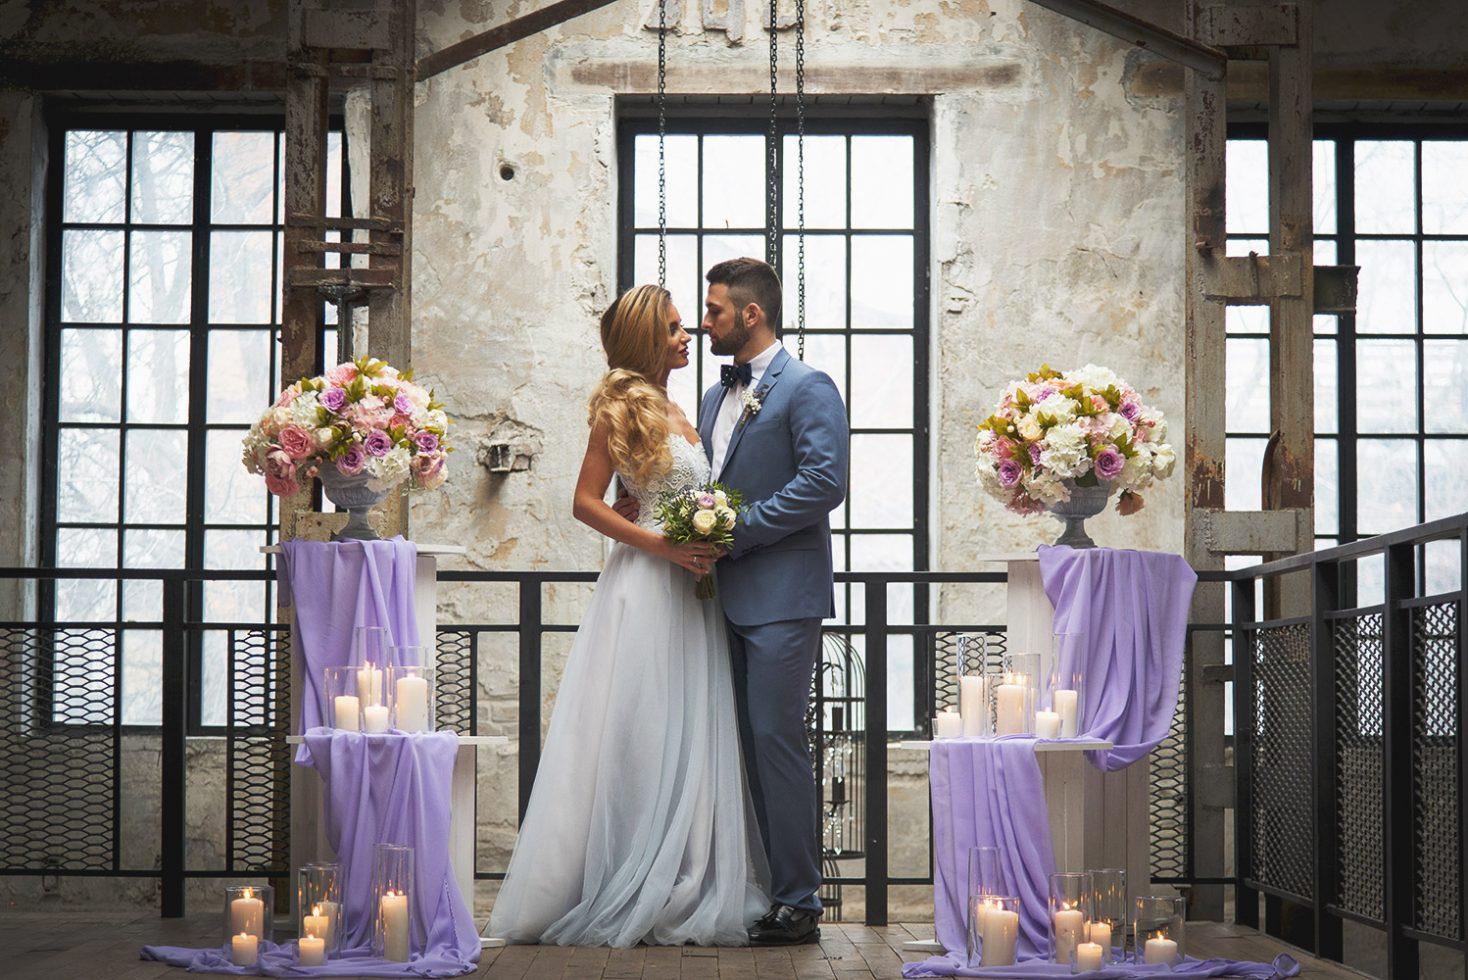 Как выбрать фотографа на свадьбу? Полезные советы